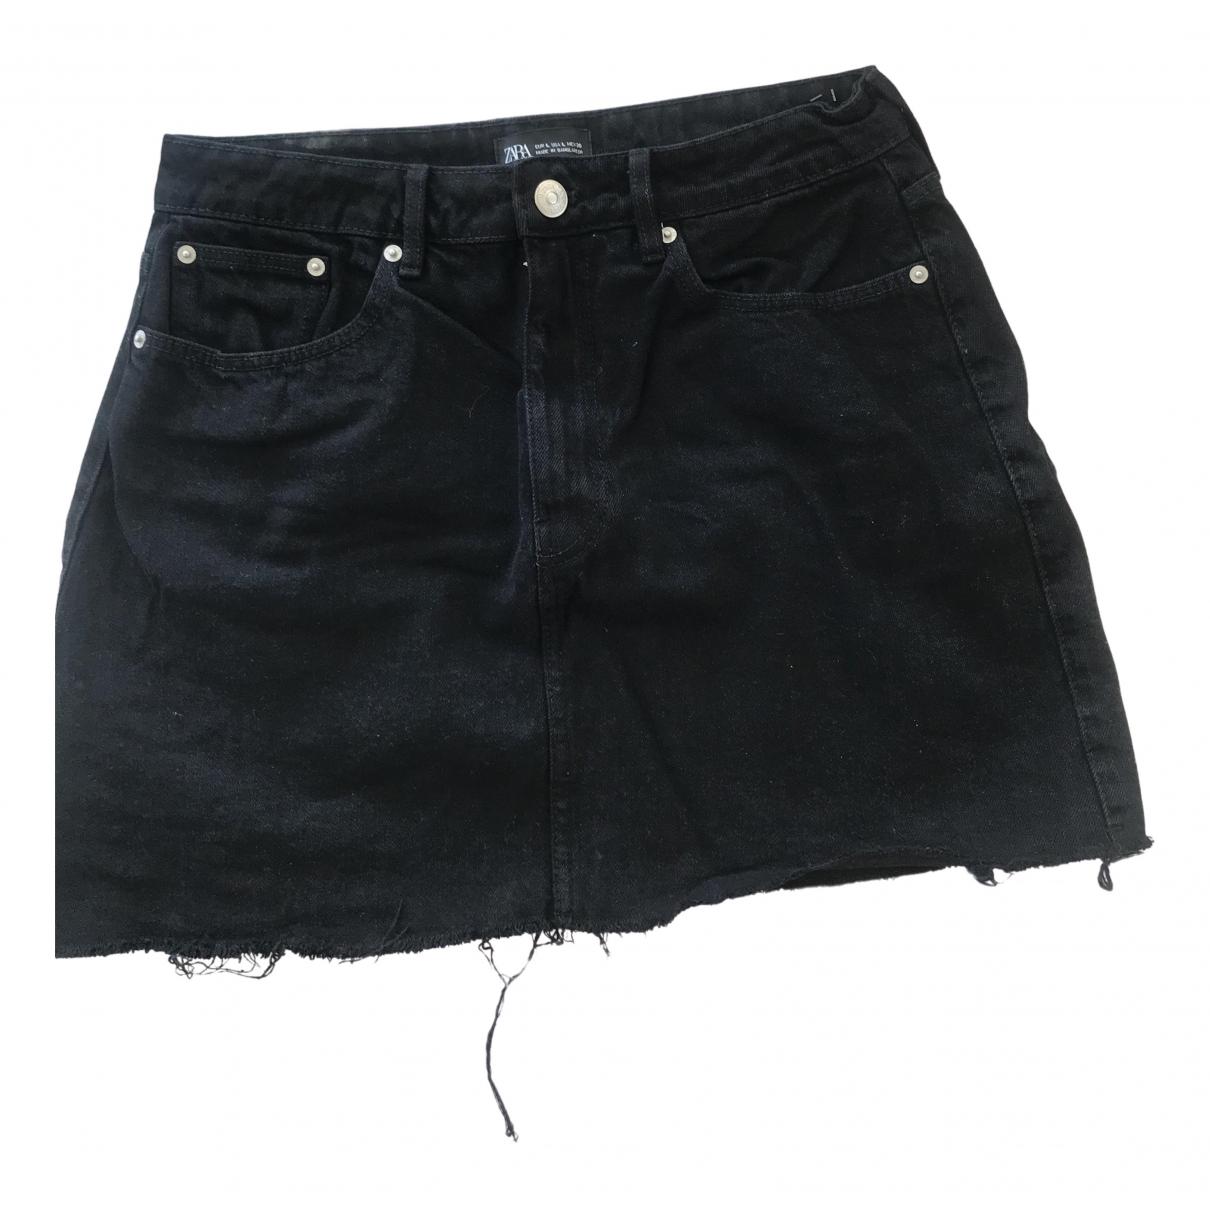 Zara \N Rocke in  Schwarz Denim - Jeans